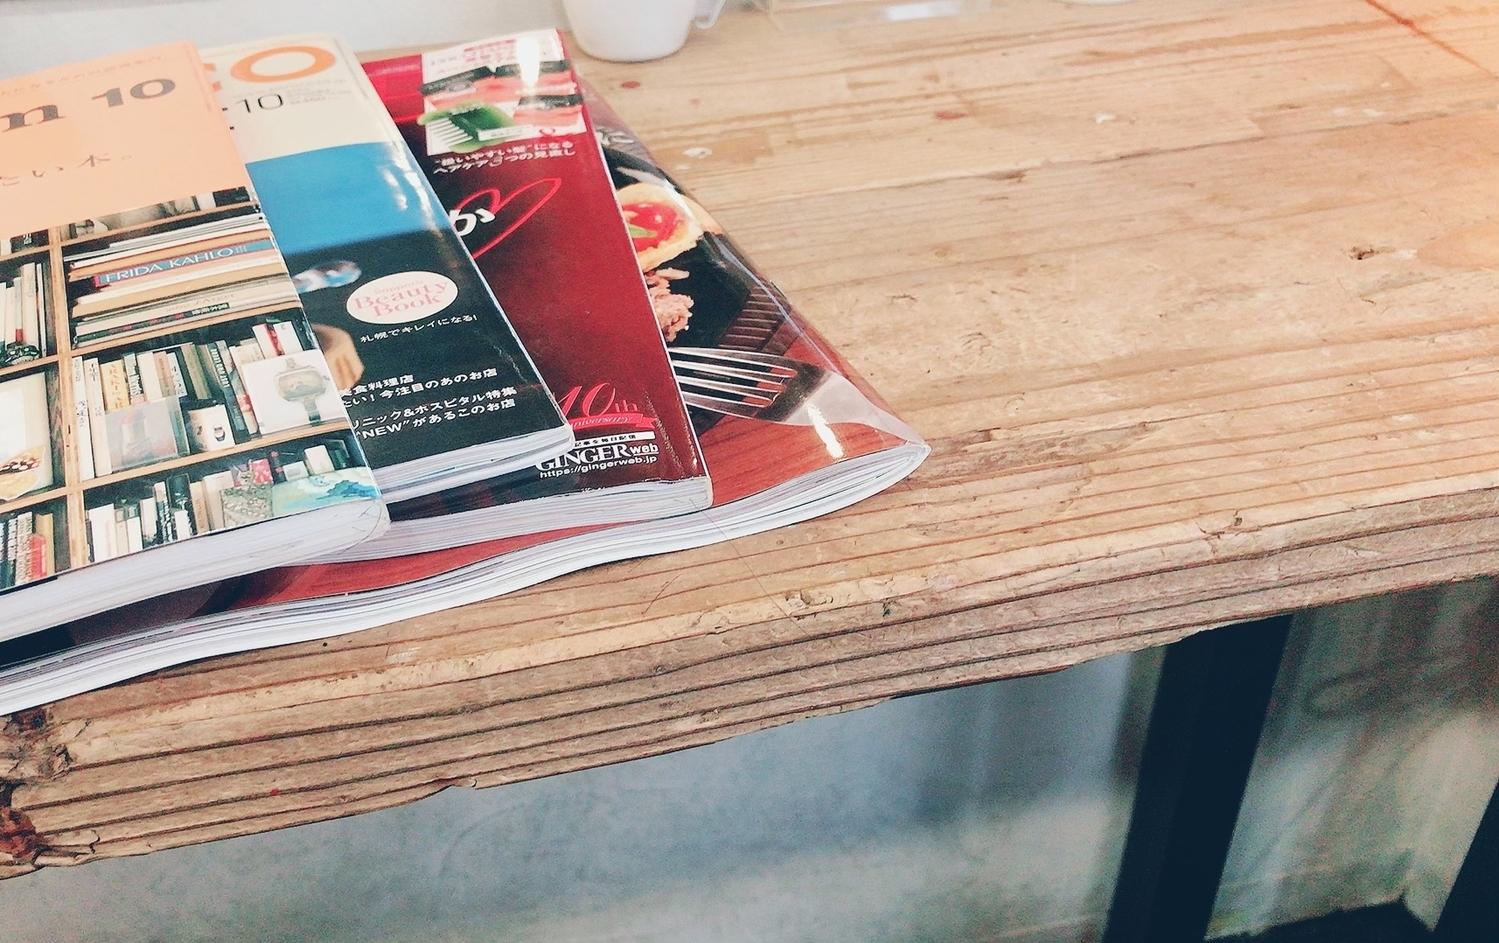 雑誌でいろんな情報を得るの